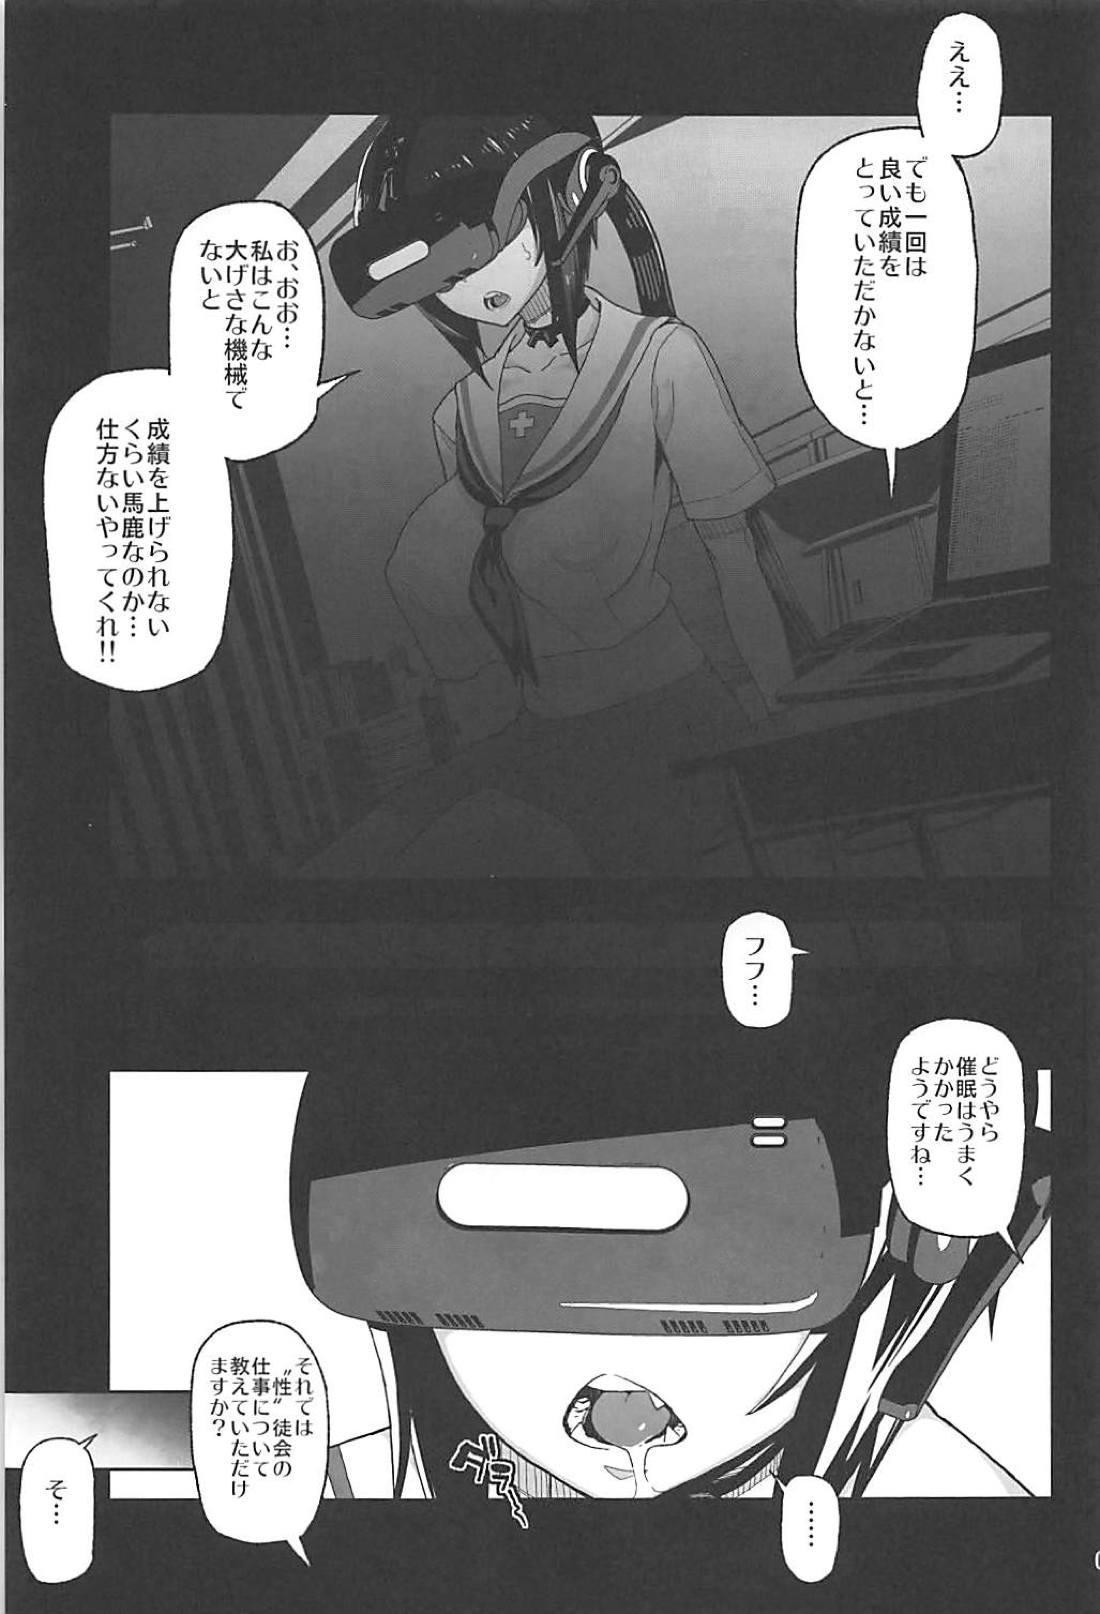 Houshu to Shite wa Kusozako dakedo, Chinpou no Atsukai dake wa Tottemo Jouzu na Momo-chan 5